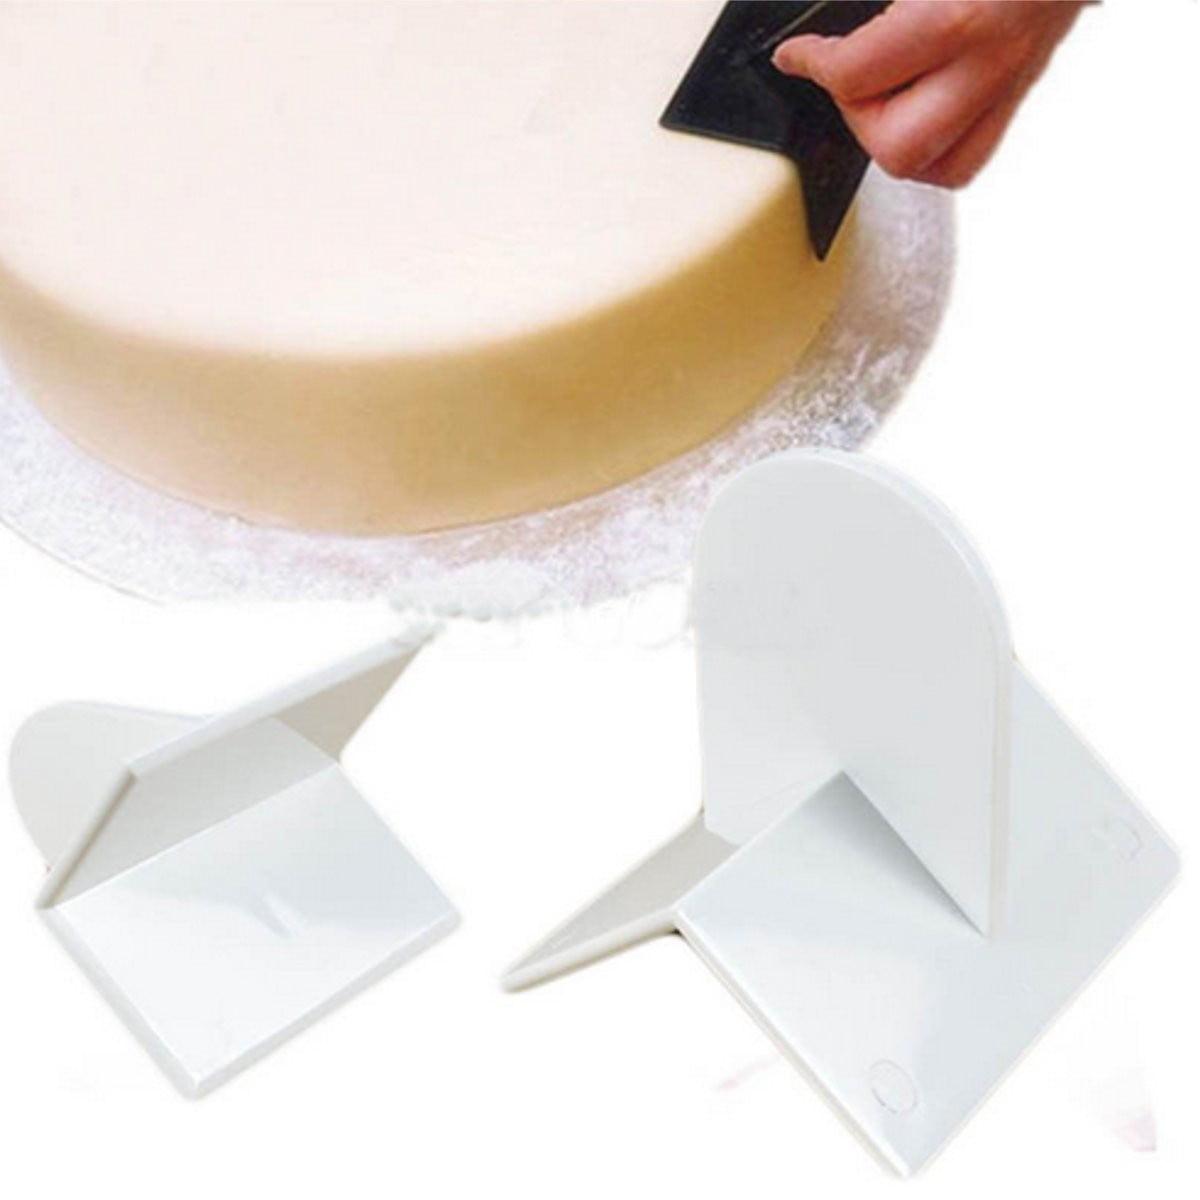 Cake Smoother Paddle Tool Sugarcraft Icing Fondant Polisher Finisher Decorating